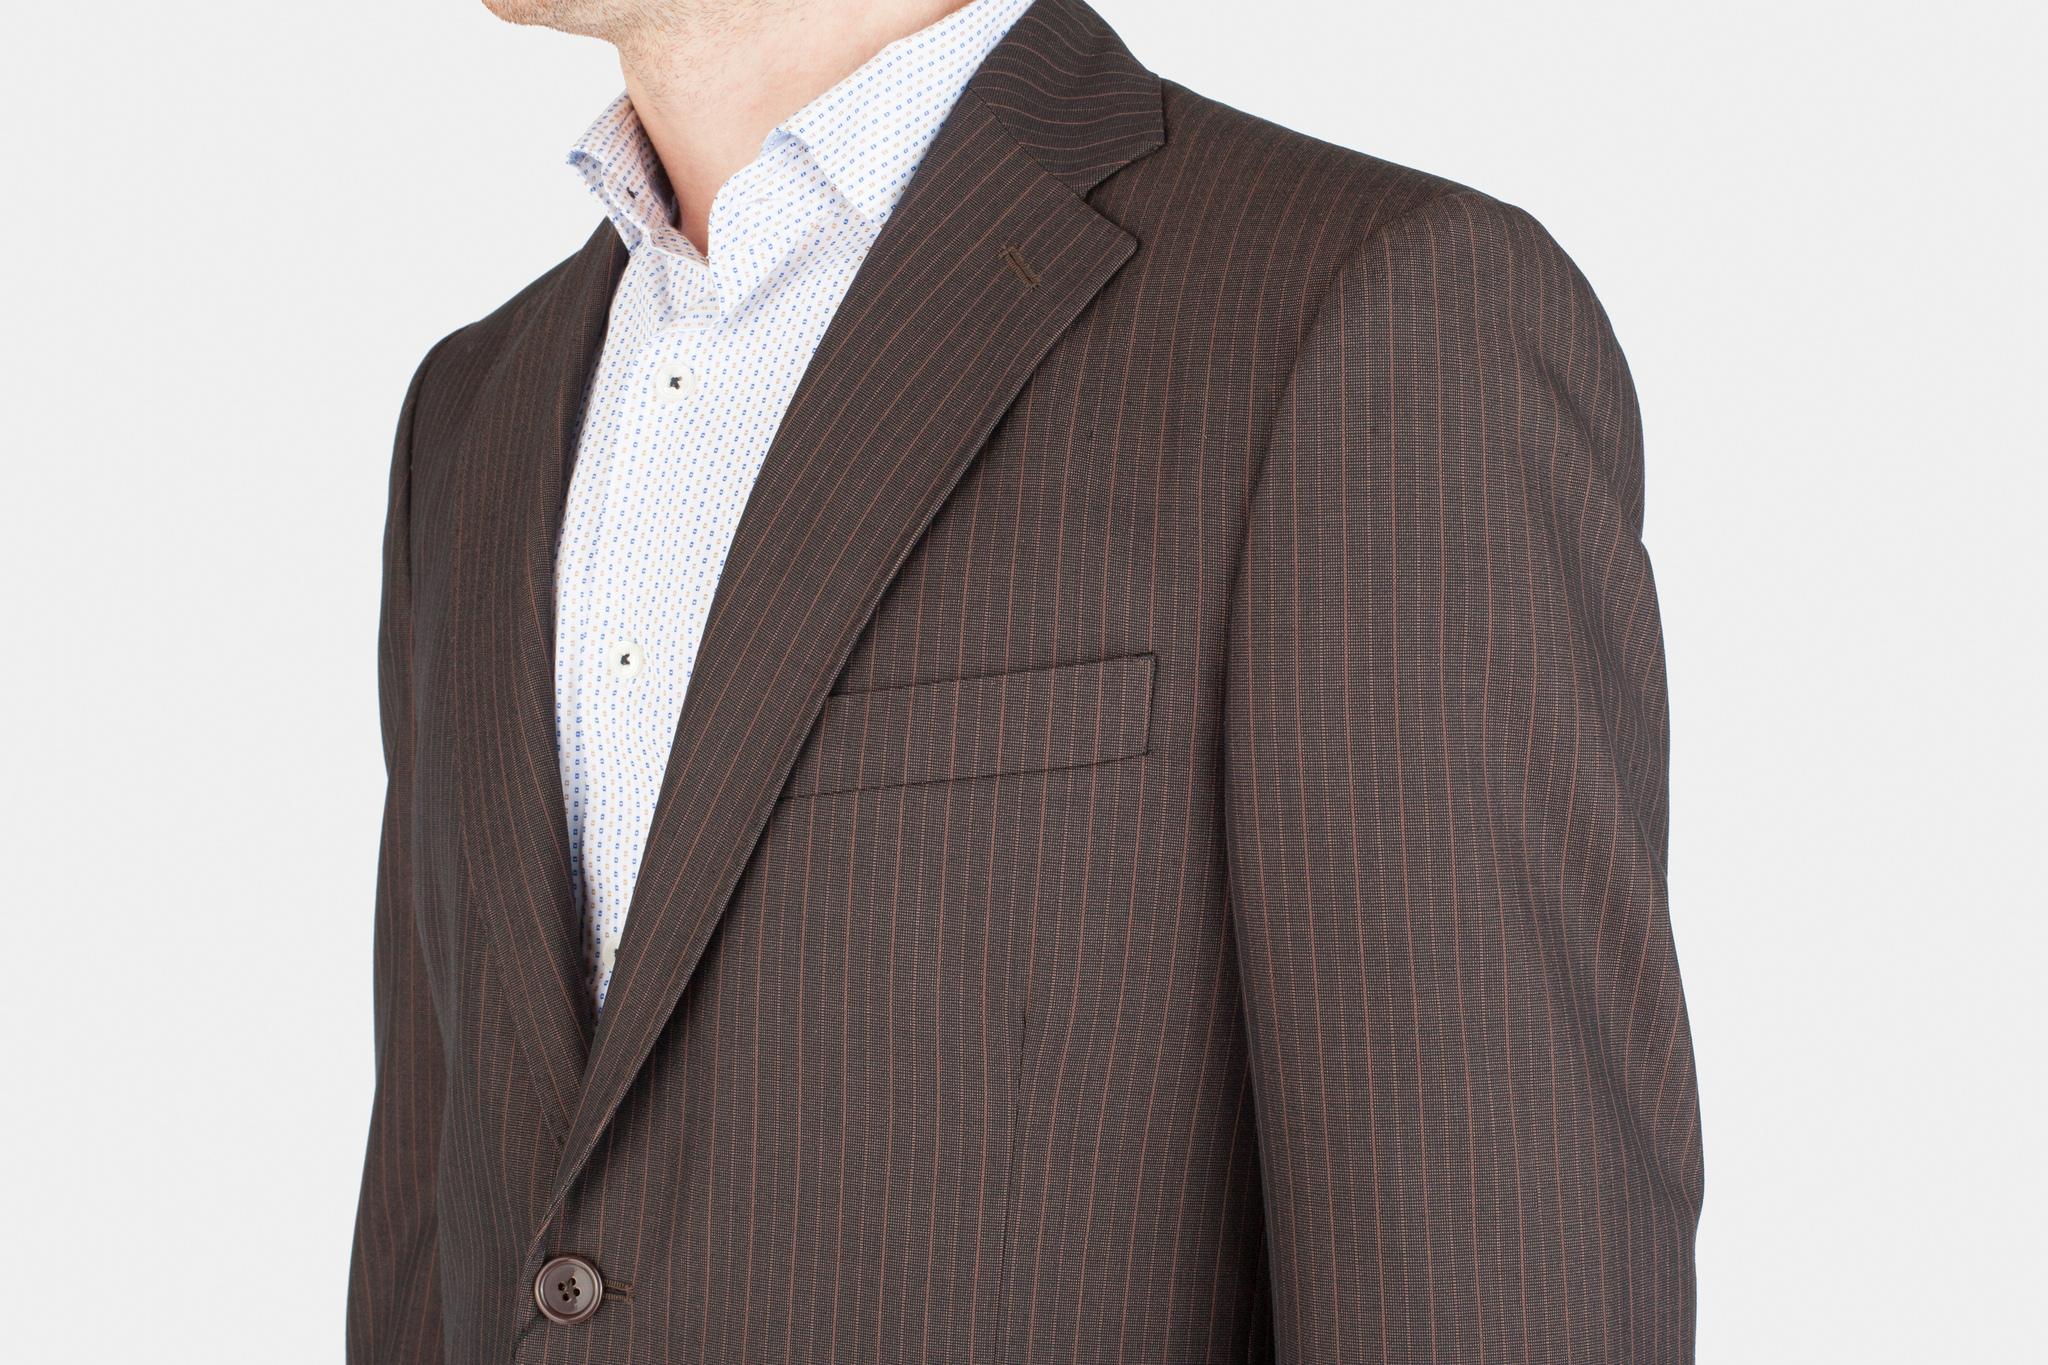 Коричневый костюм в тонкую полоску из 100%-ной шерсти, нагрудный карман